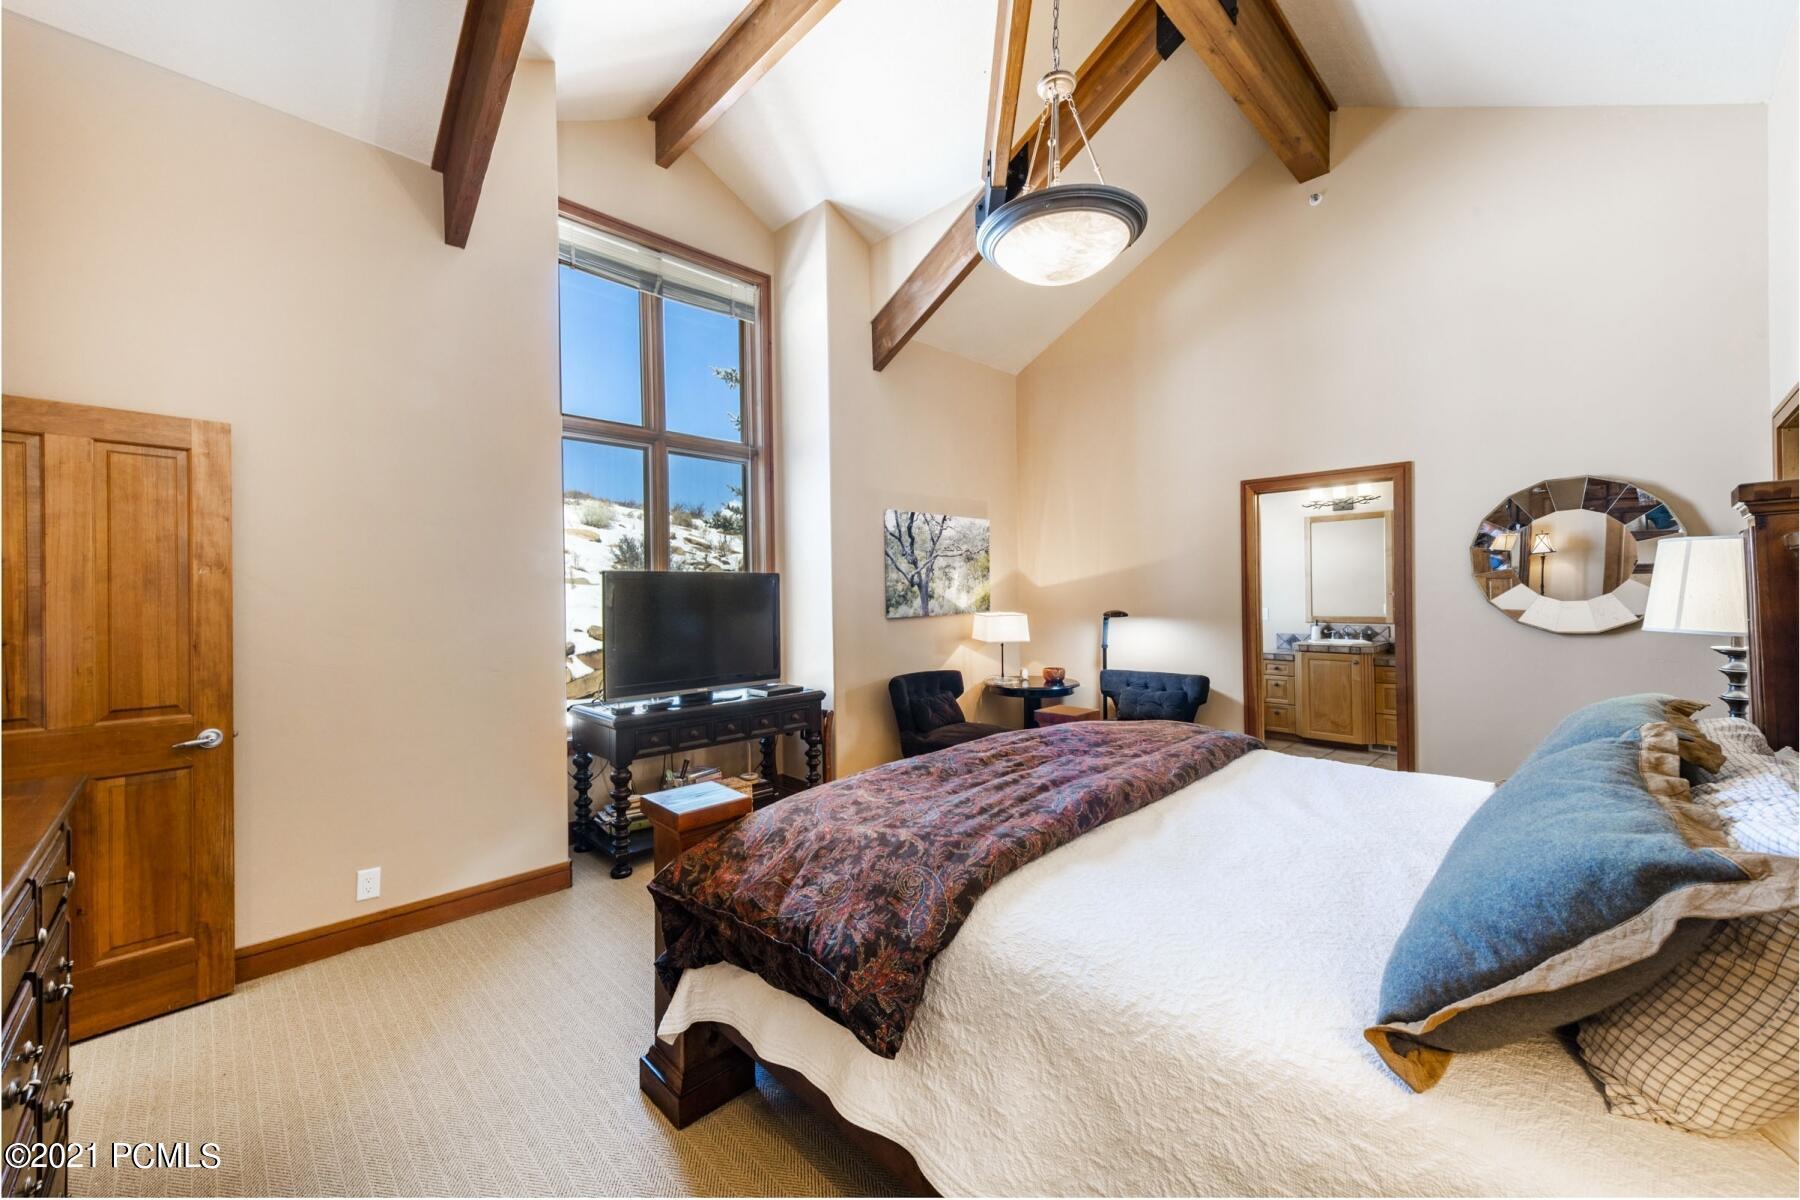 2756 Gallivan Loop, Park City, Utah 84060, 3 Bedrooms Bedrooms, ,4 BathroomsBathrooms,Condominium,For Sale,Gallivan,12100728